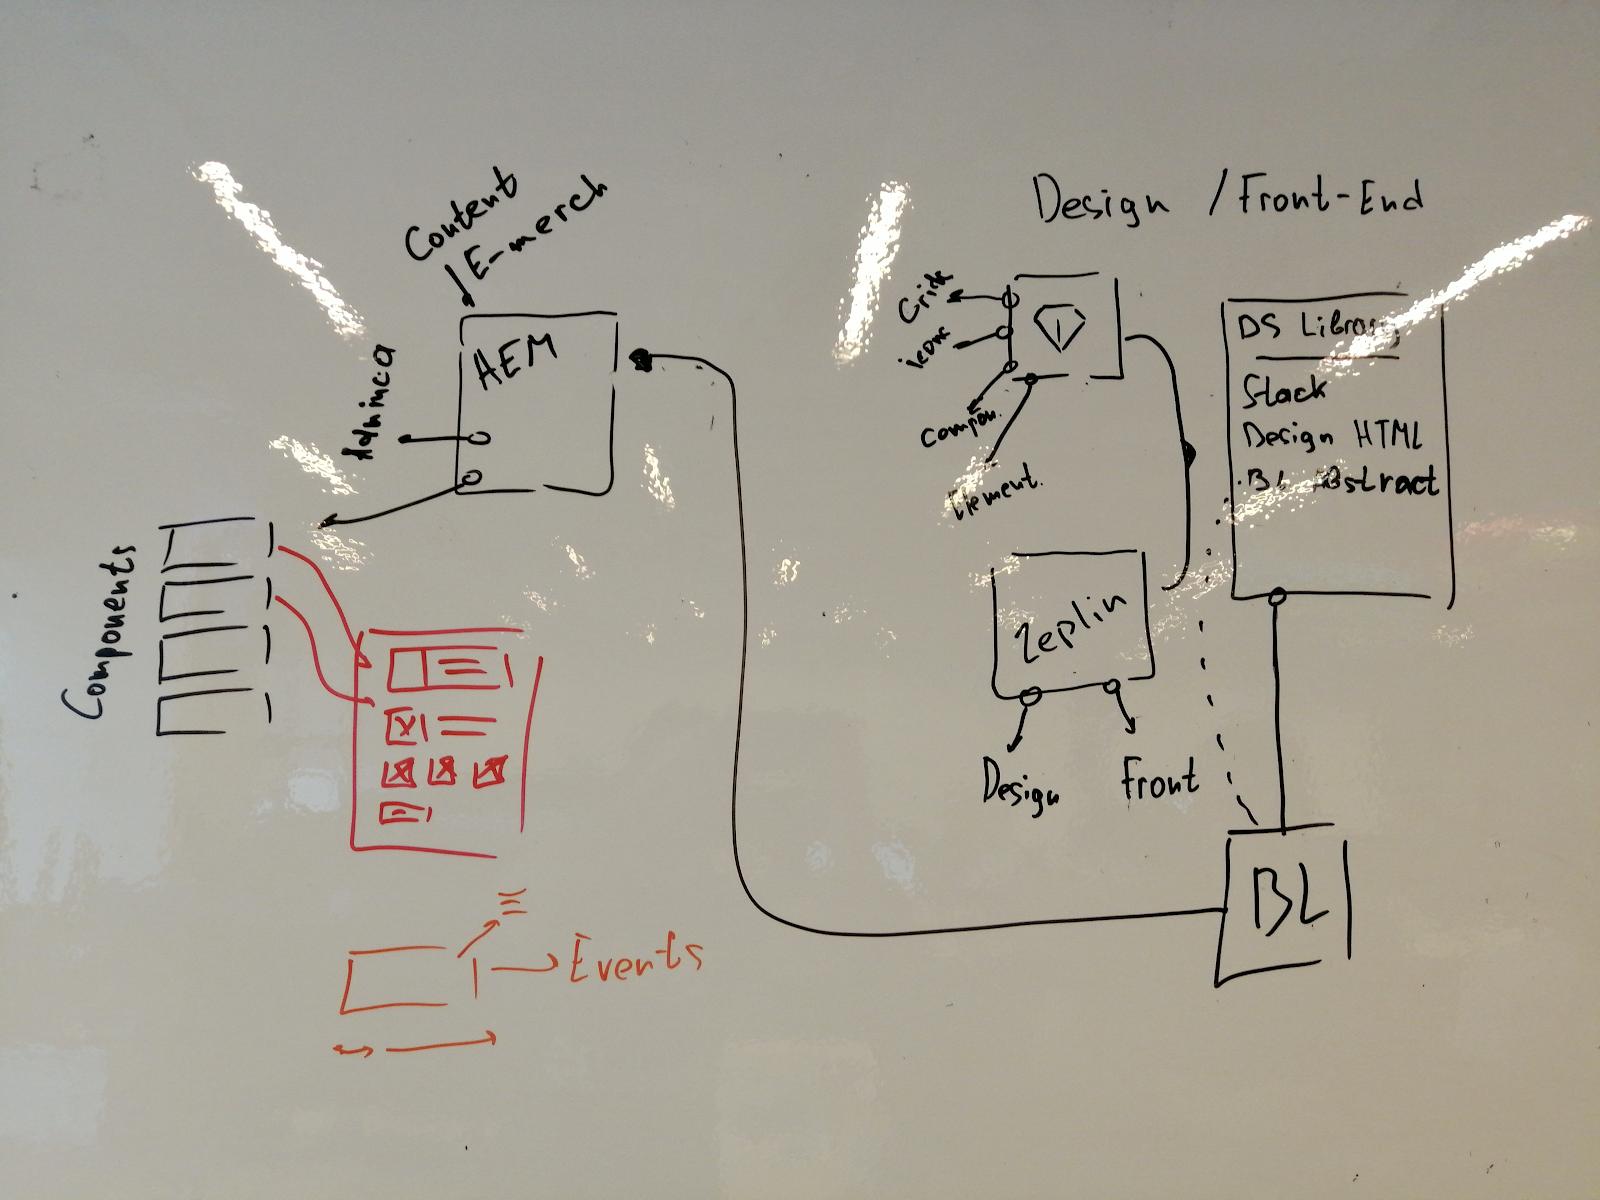 Опыт интеграции веб-компонентов на сайт Леруа Мерлен - 5